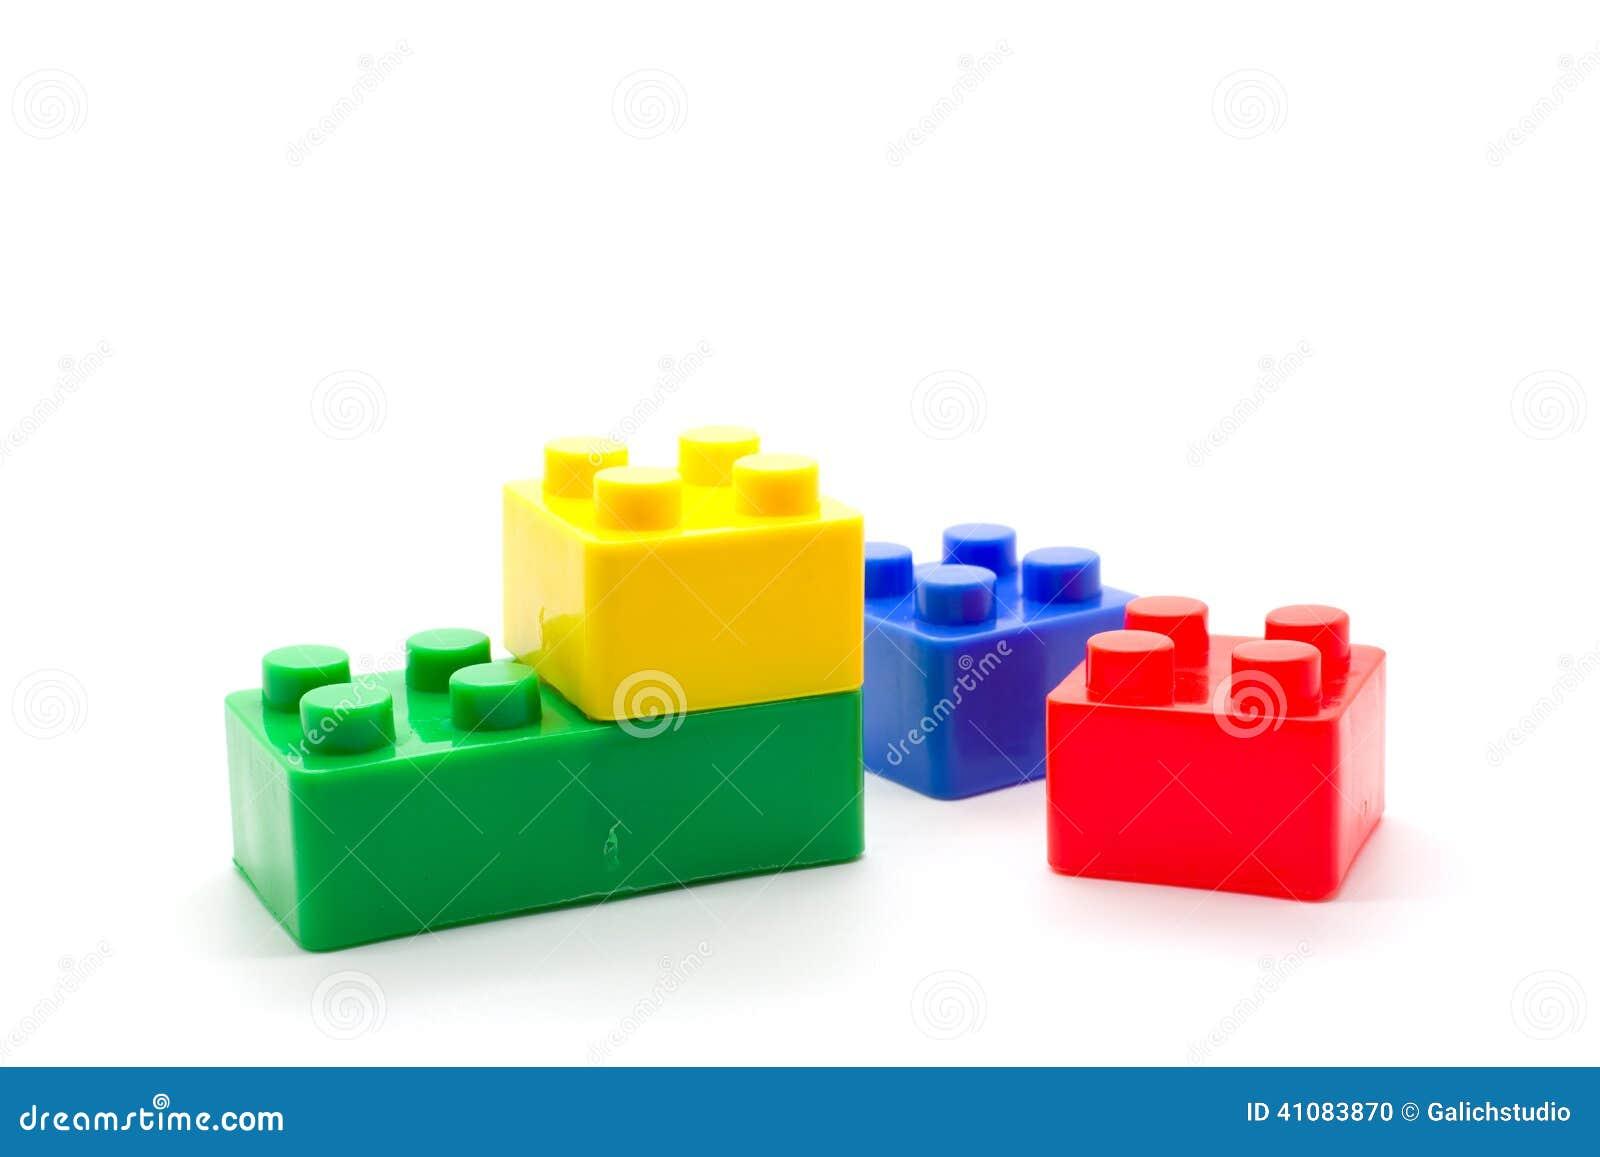 Lego Plastic Building Blocks On White Background Stock Photo - Image